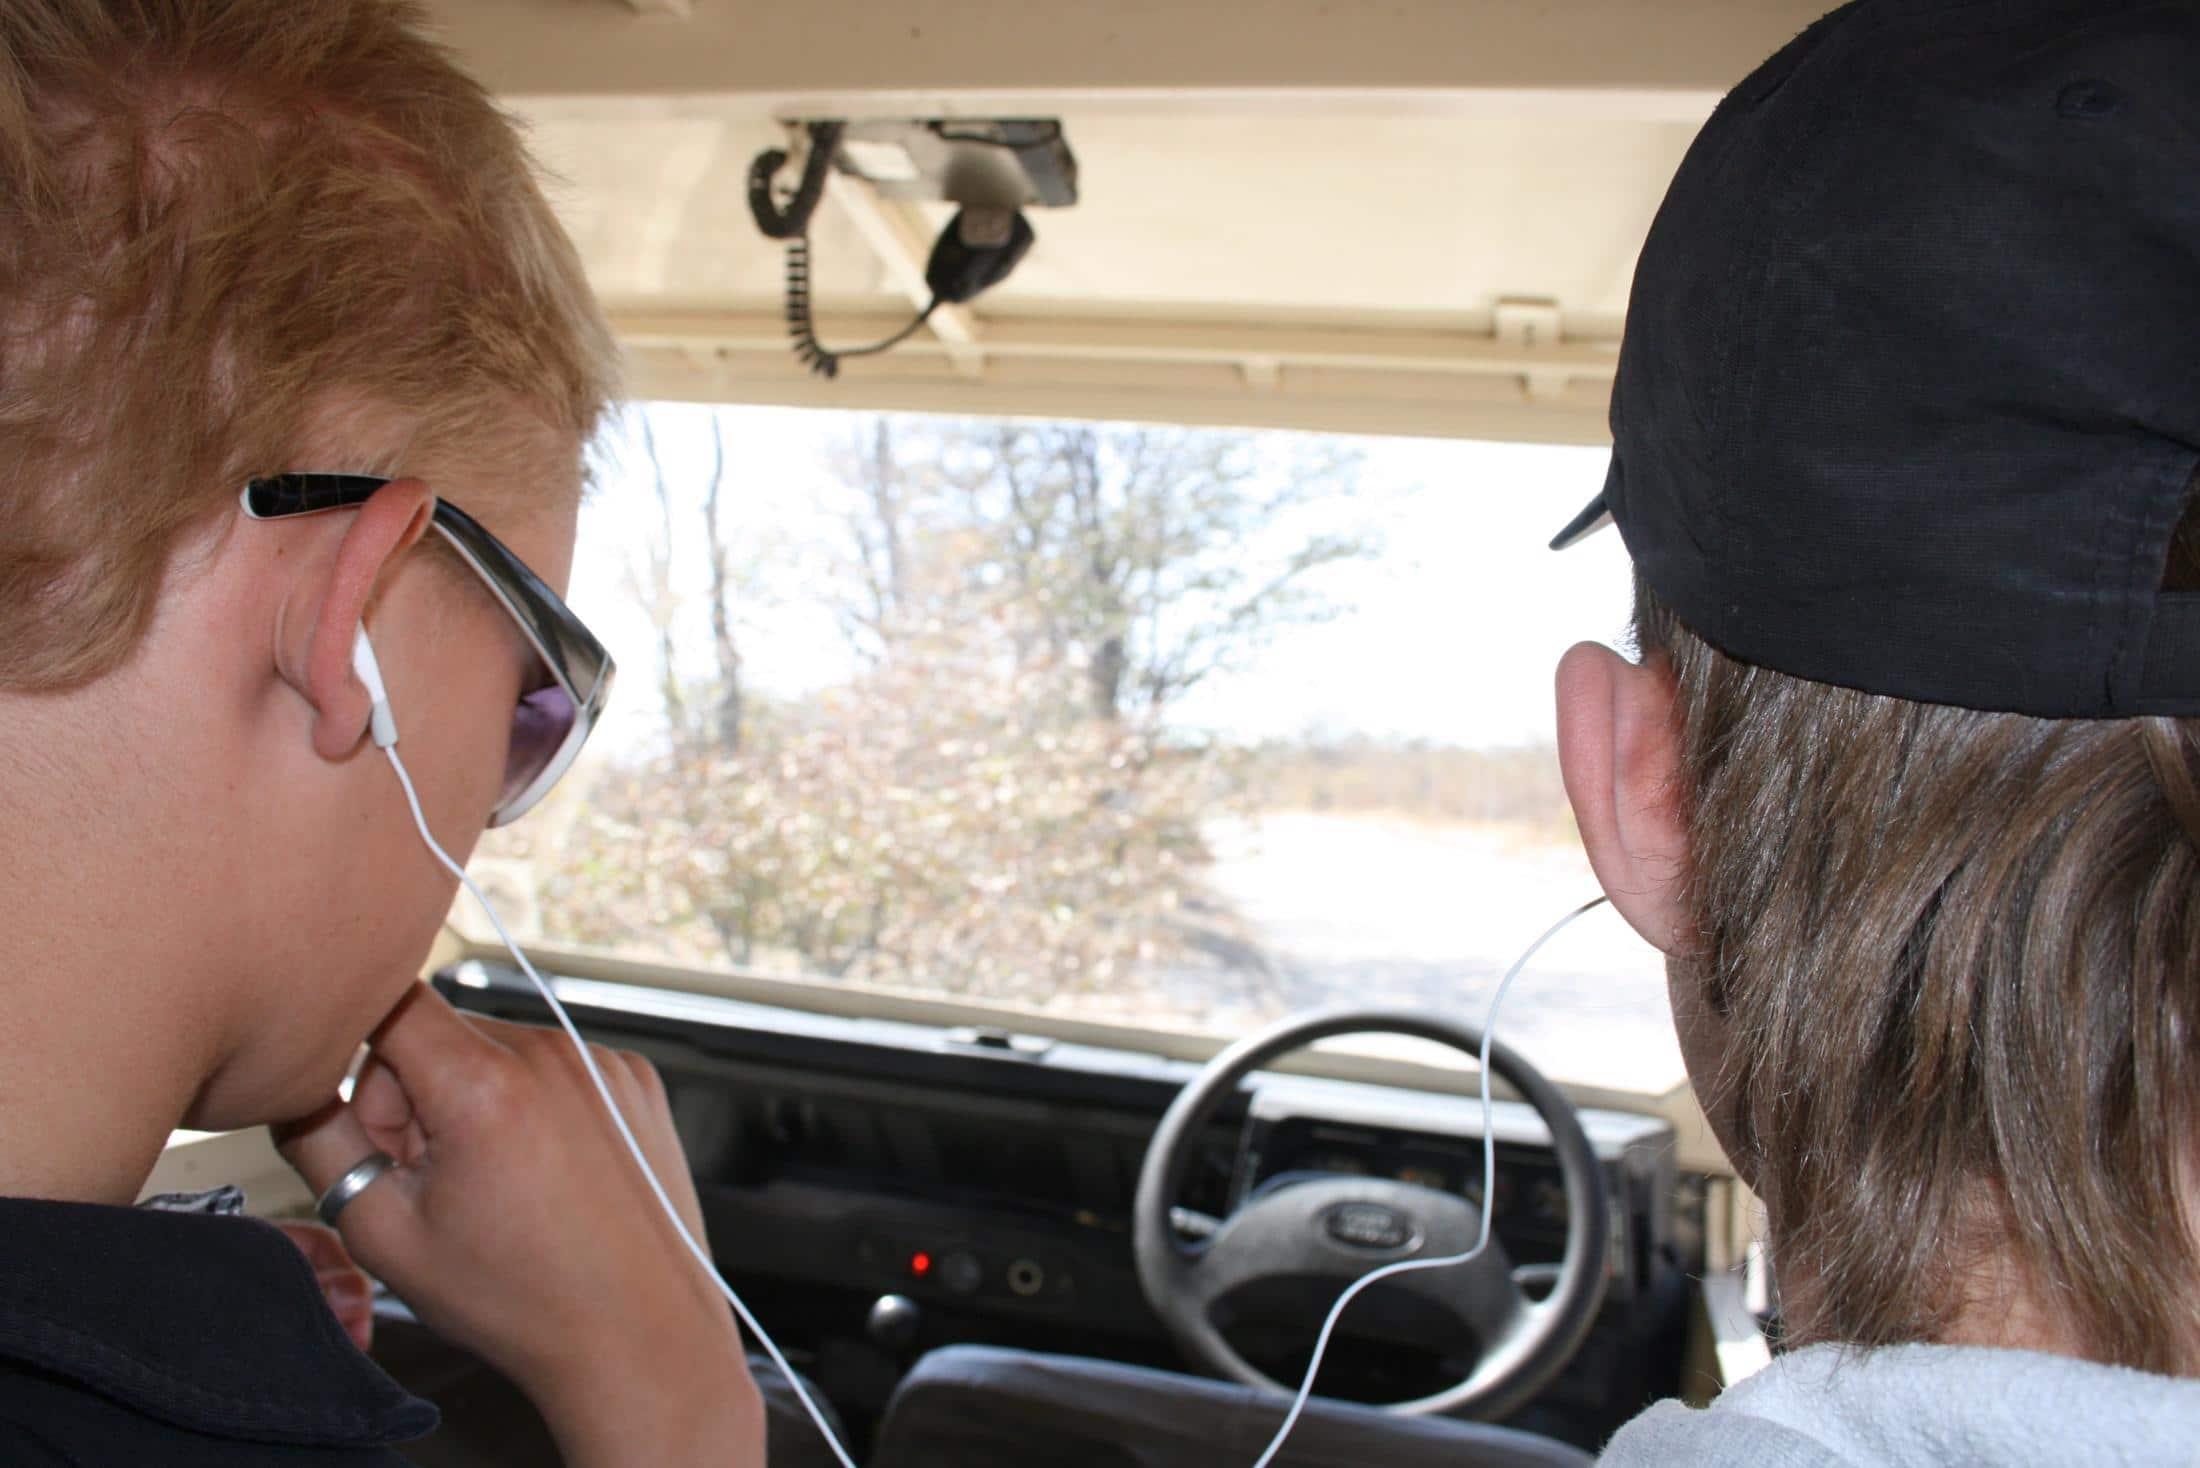 Familiereizen Namibië: Voor veel tieners zijn elektronica en wifi onmisbaar tijdens een reis.